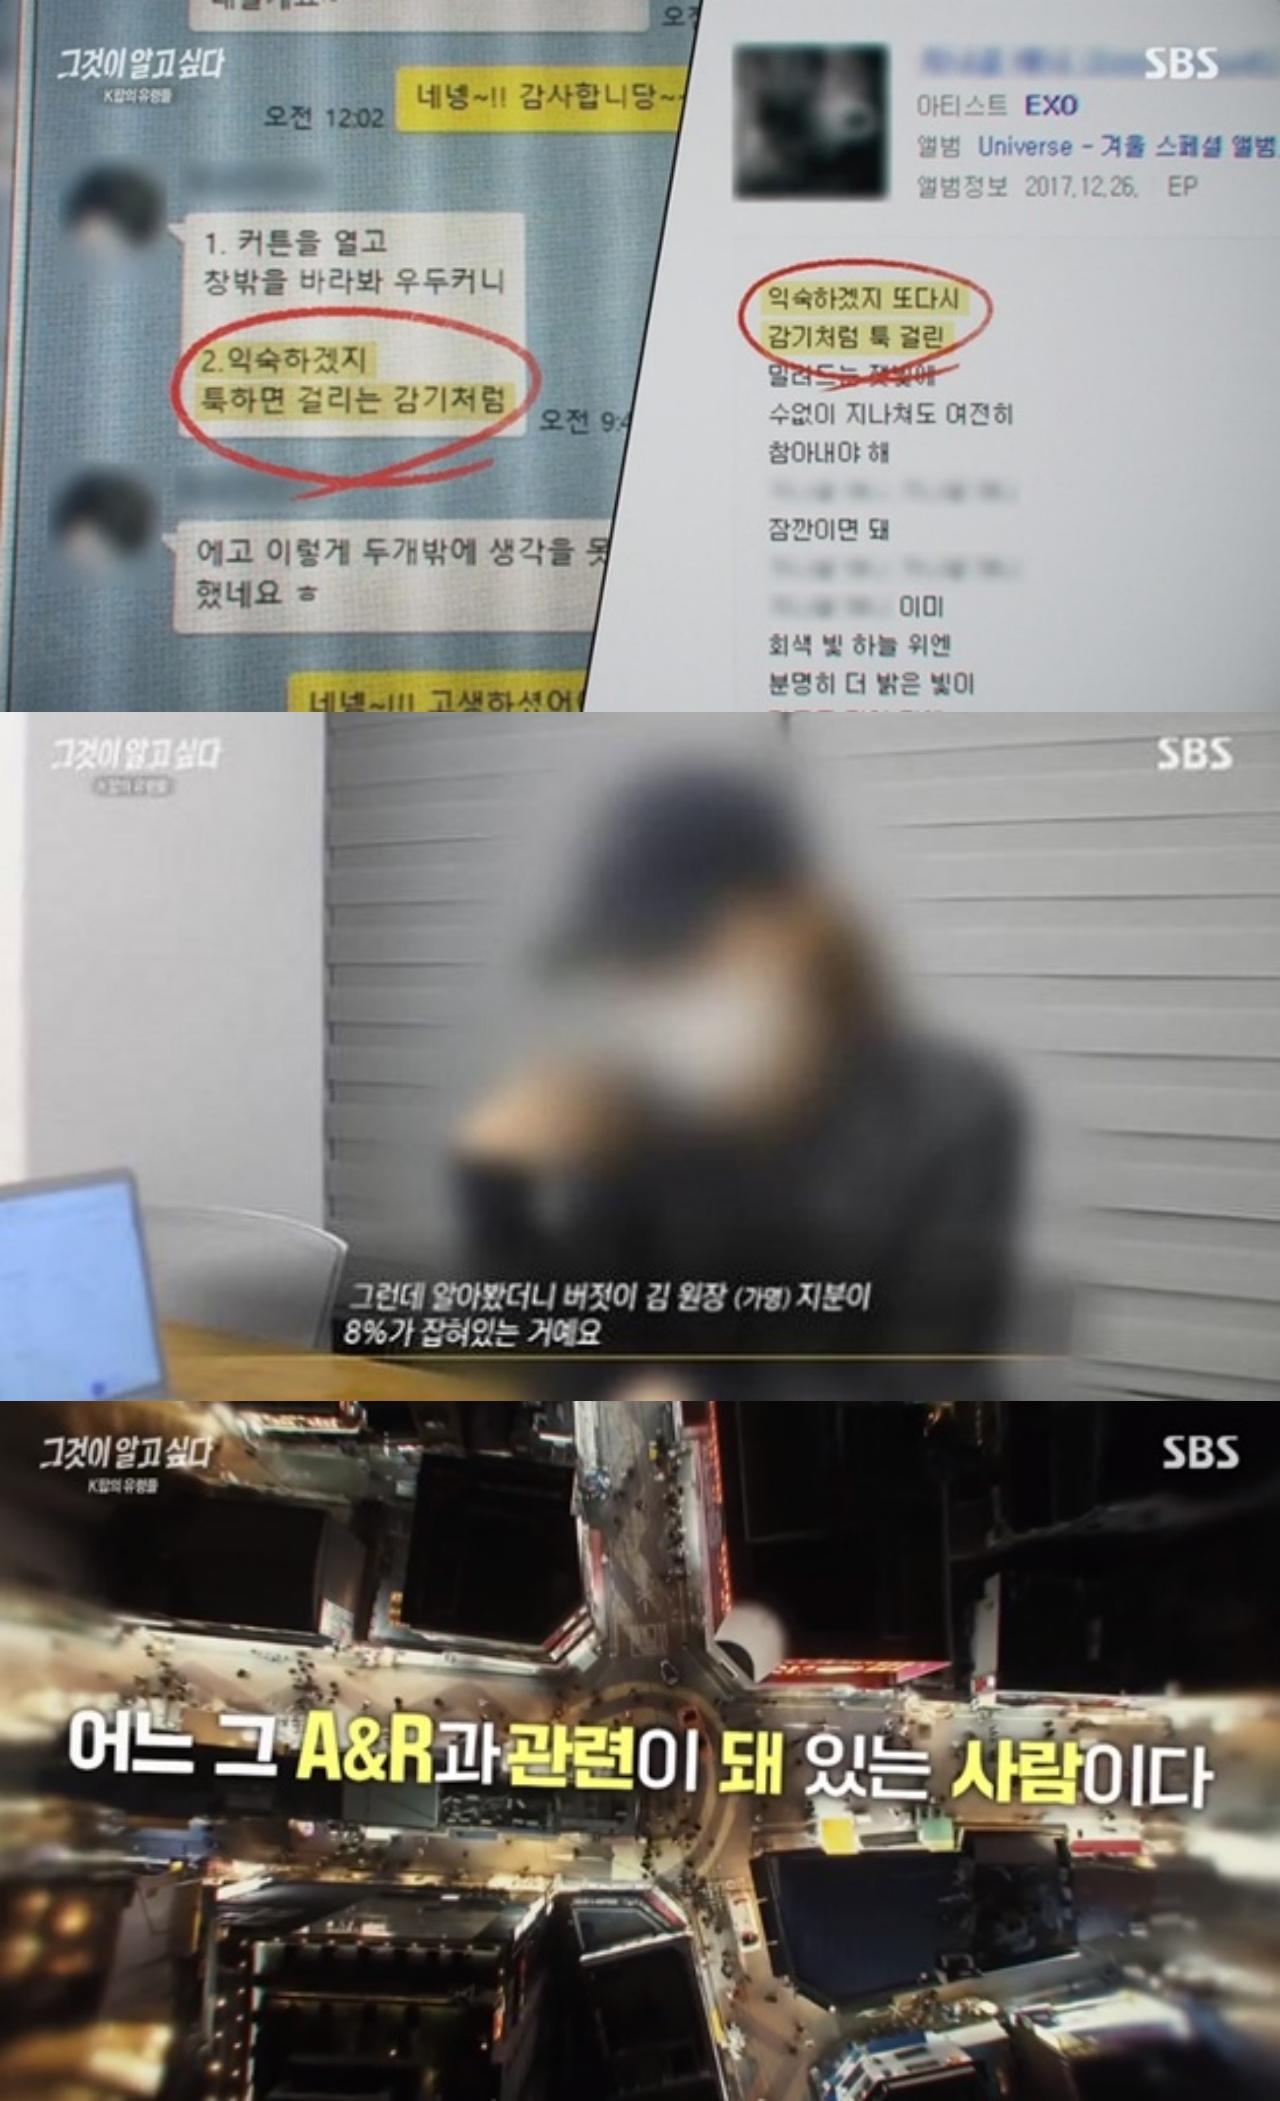 [Y리뷰] '그알' 수억원대 가로챈 K팝의 유령 작사가, 김원장의 정체